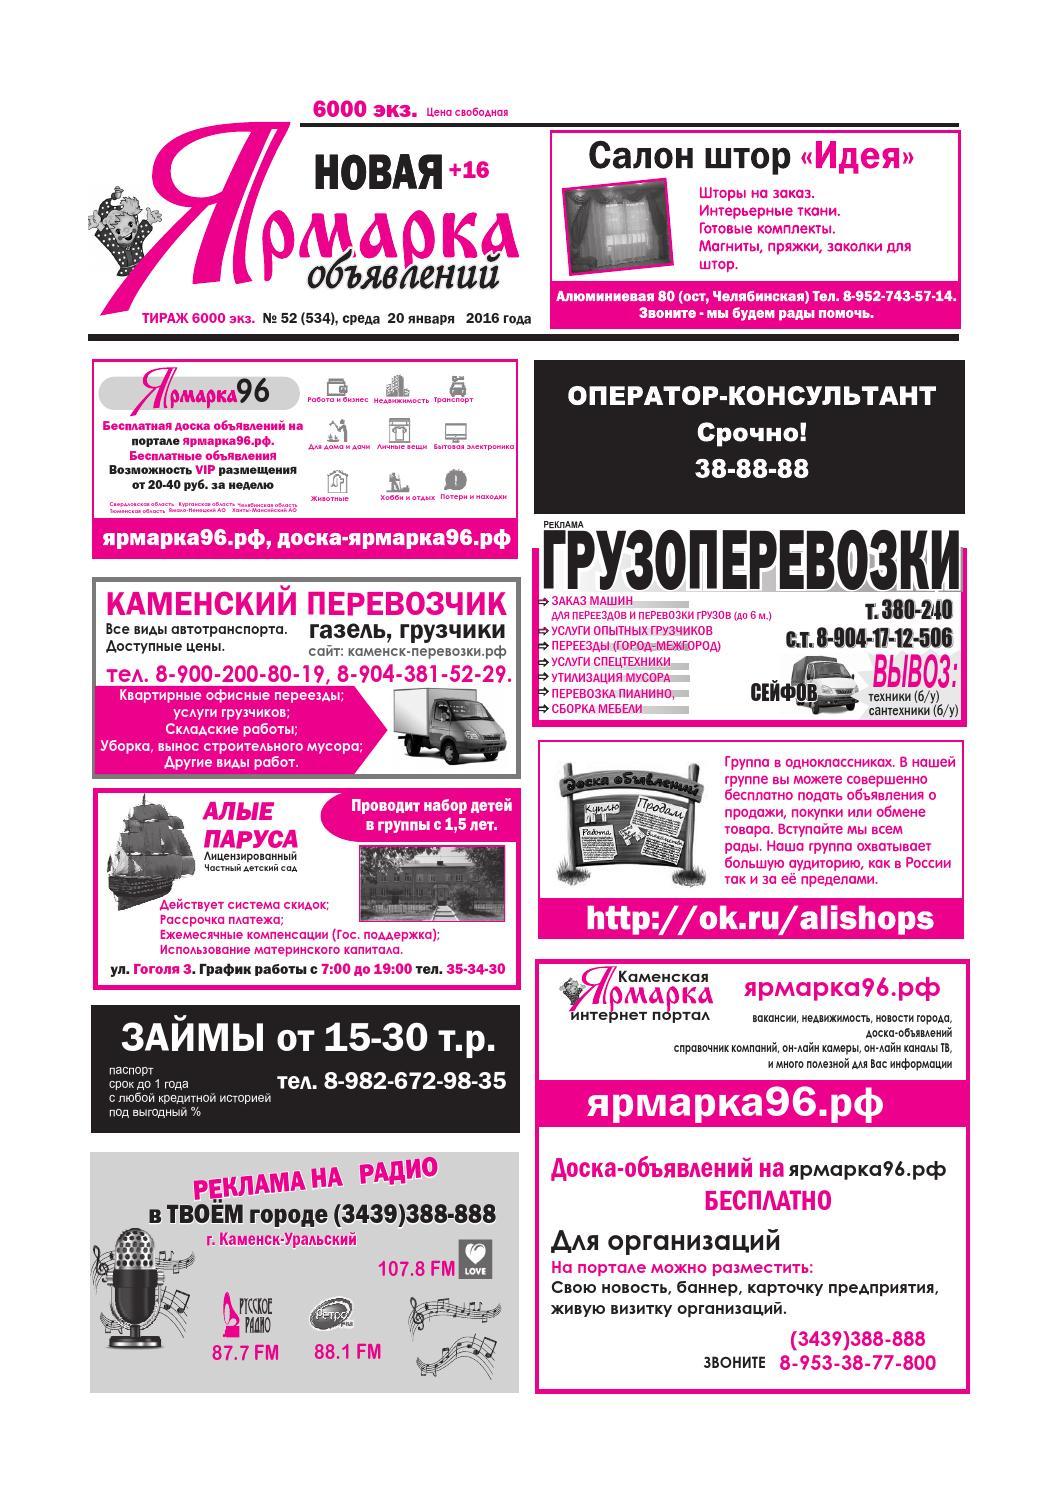 Знакомства екатеринбурге в объявлений ярмарка газета